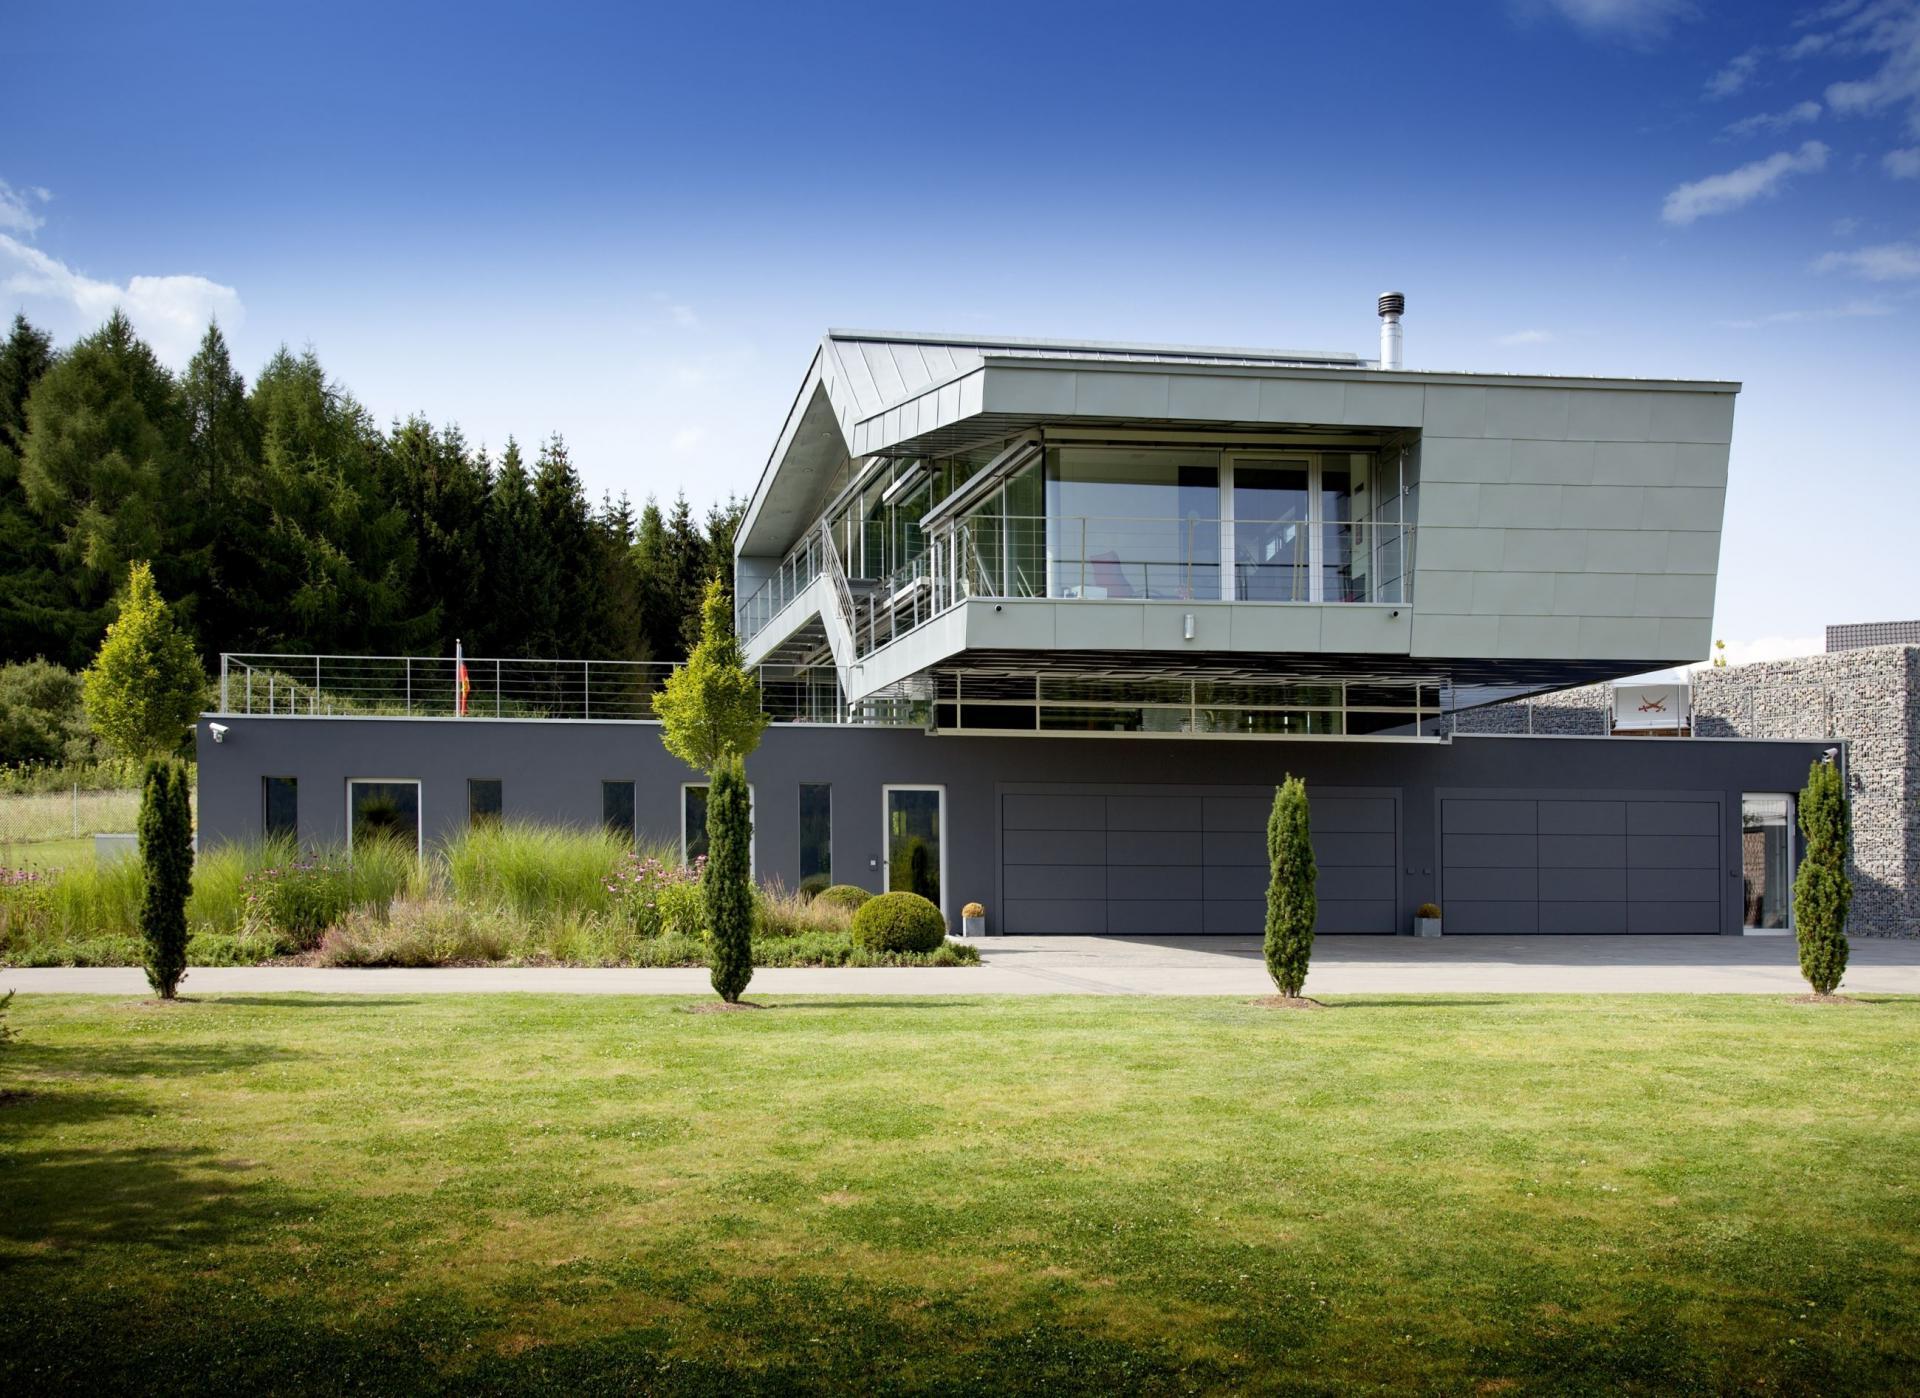 Maison design avec un bardage m tallique et du verre for Maison moderne toit pente